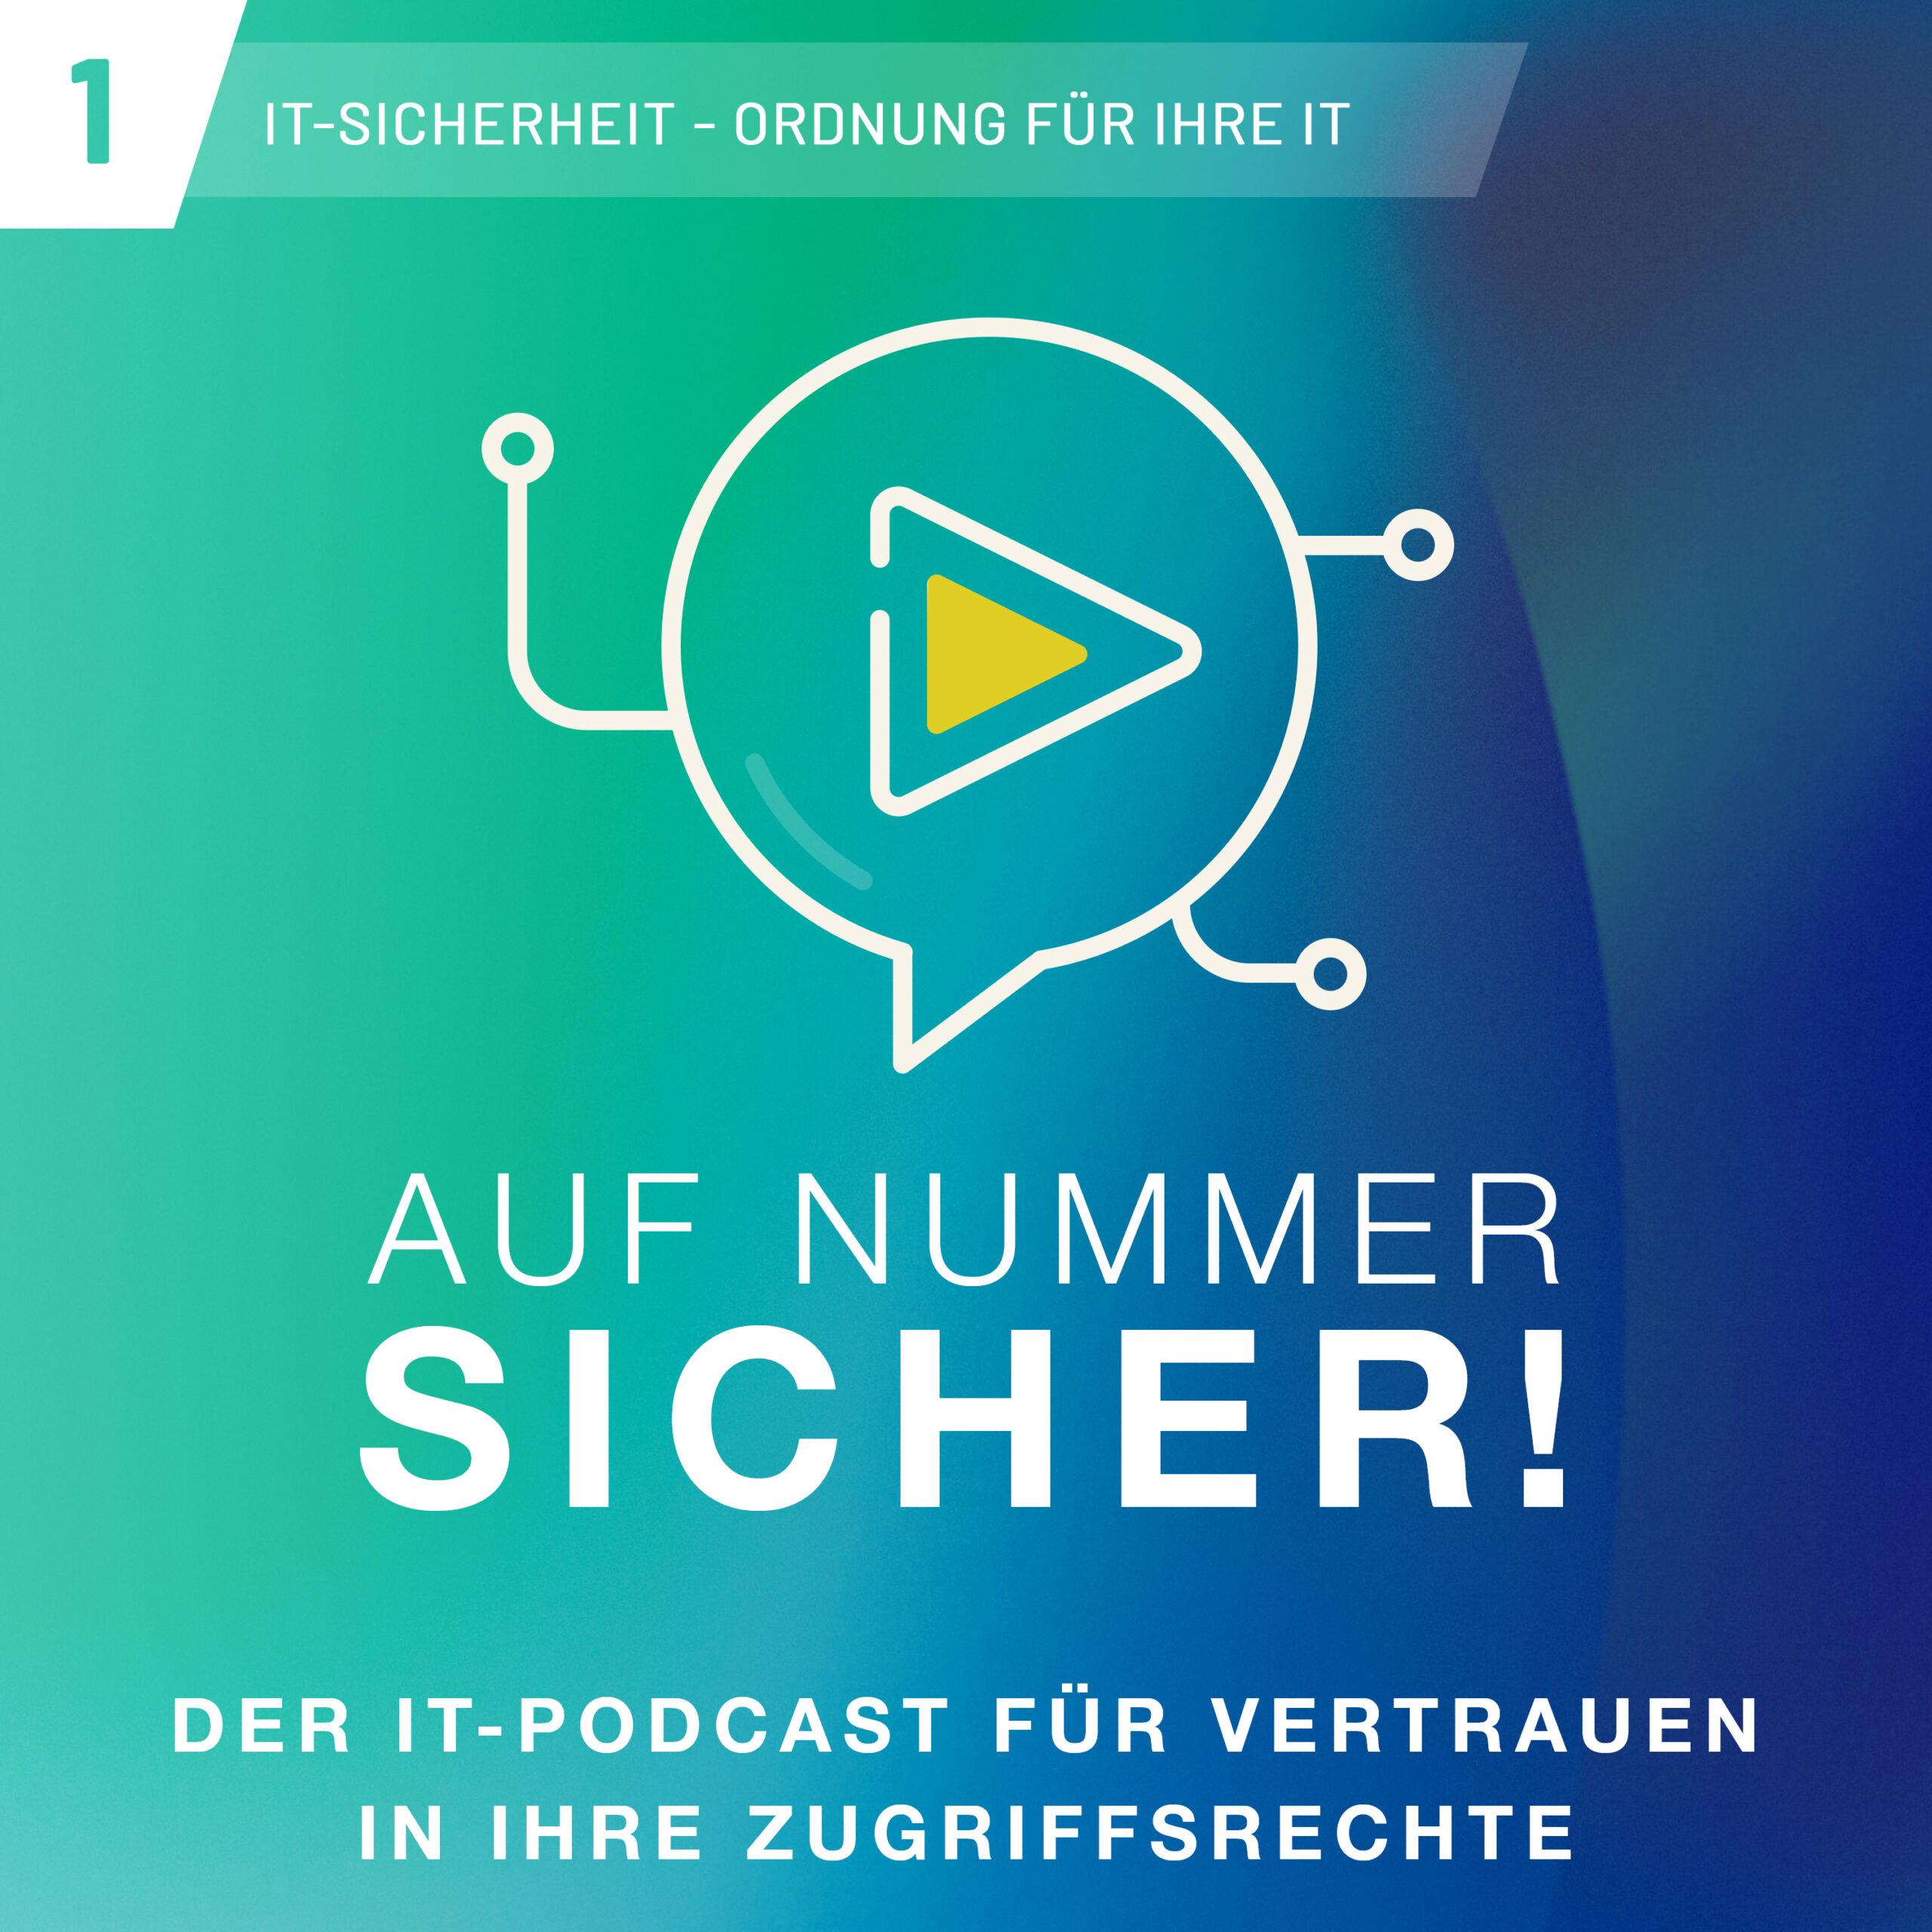 Cusatum Podcast - Auf Nummer Sicher